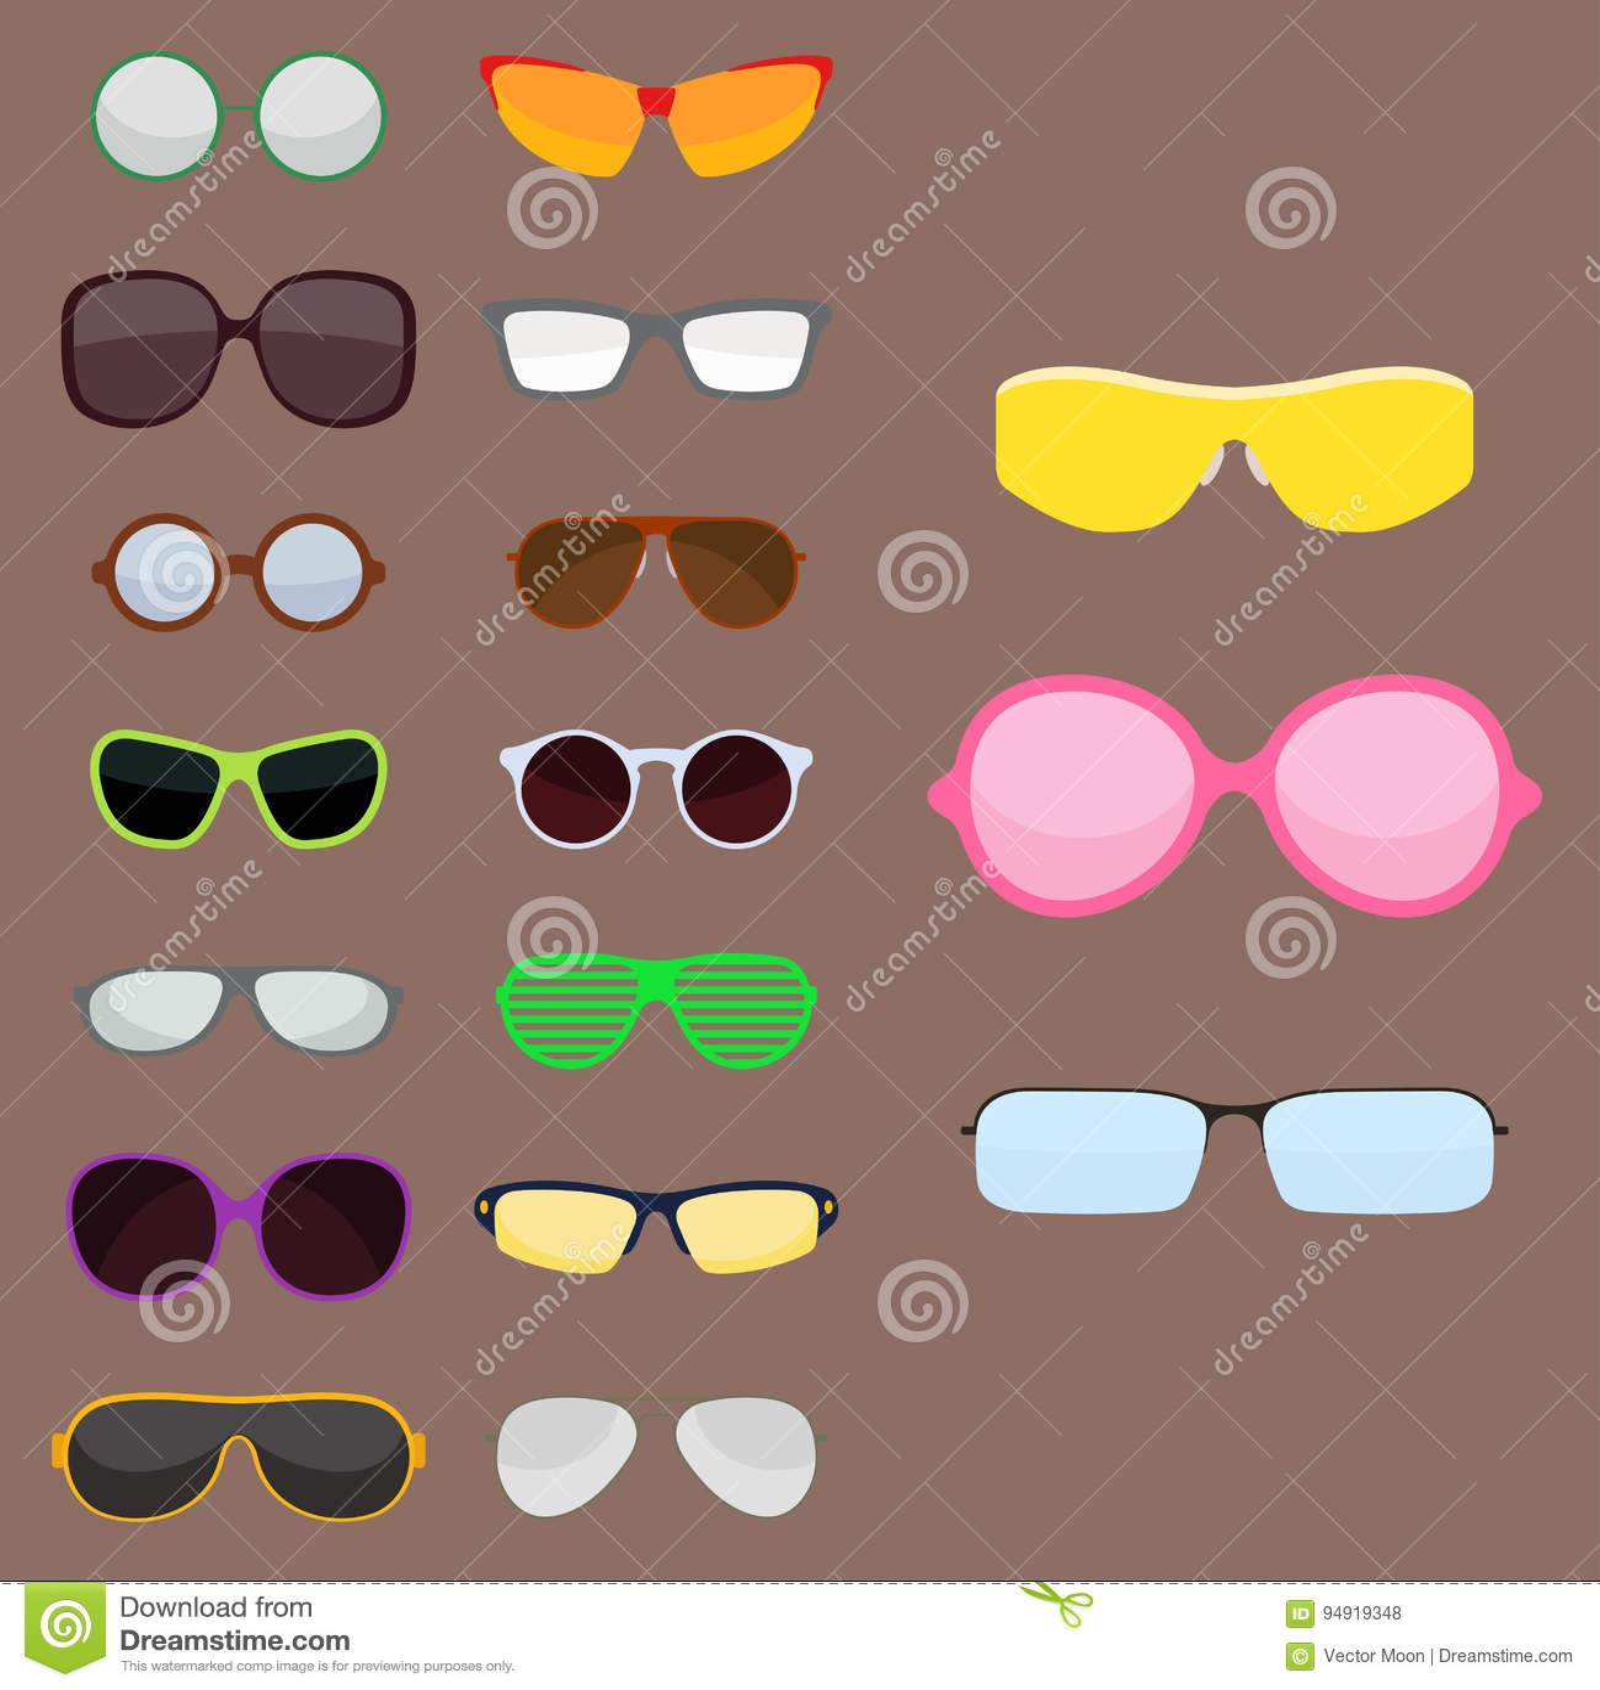 De Sol Del Marco Lentes La Modernas Gafas Moda Las uc1J3lKTF